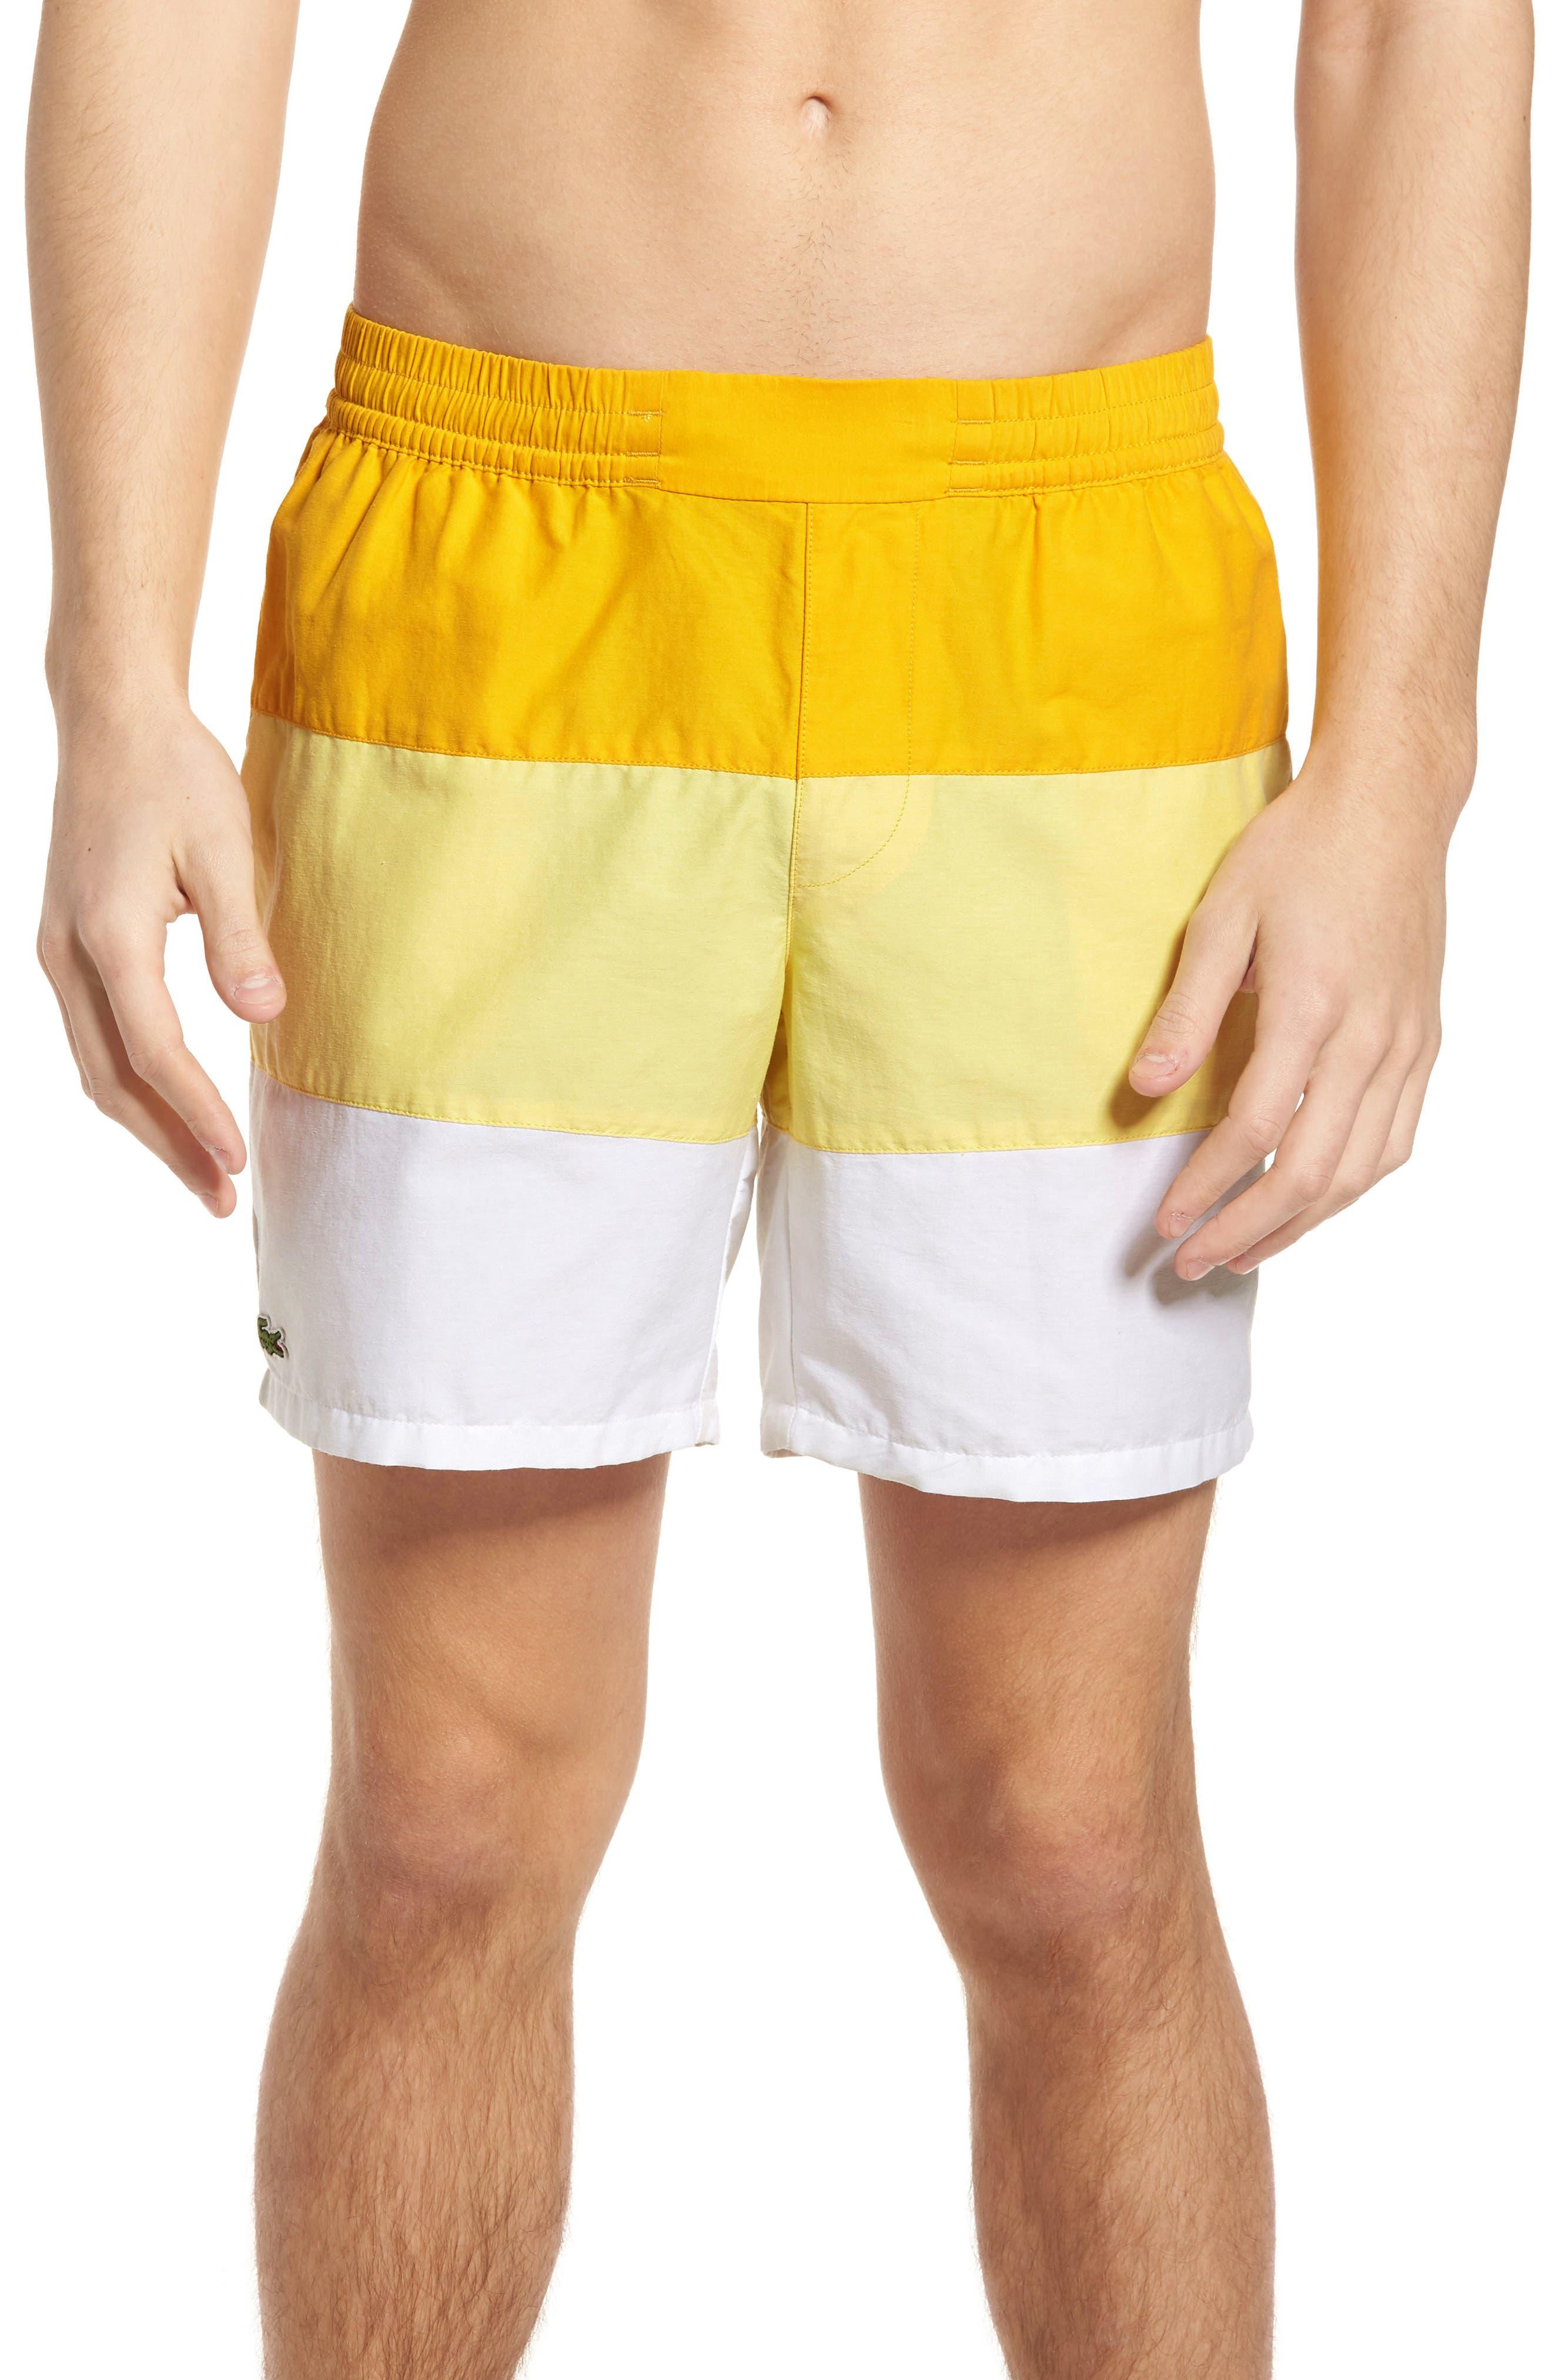 Colorblock Swim Trunks,                         Main,                         color,